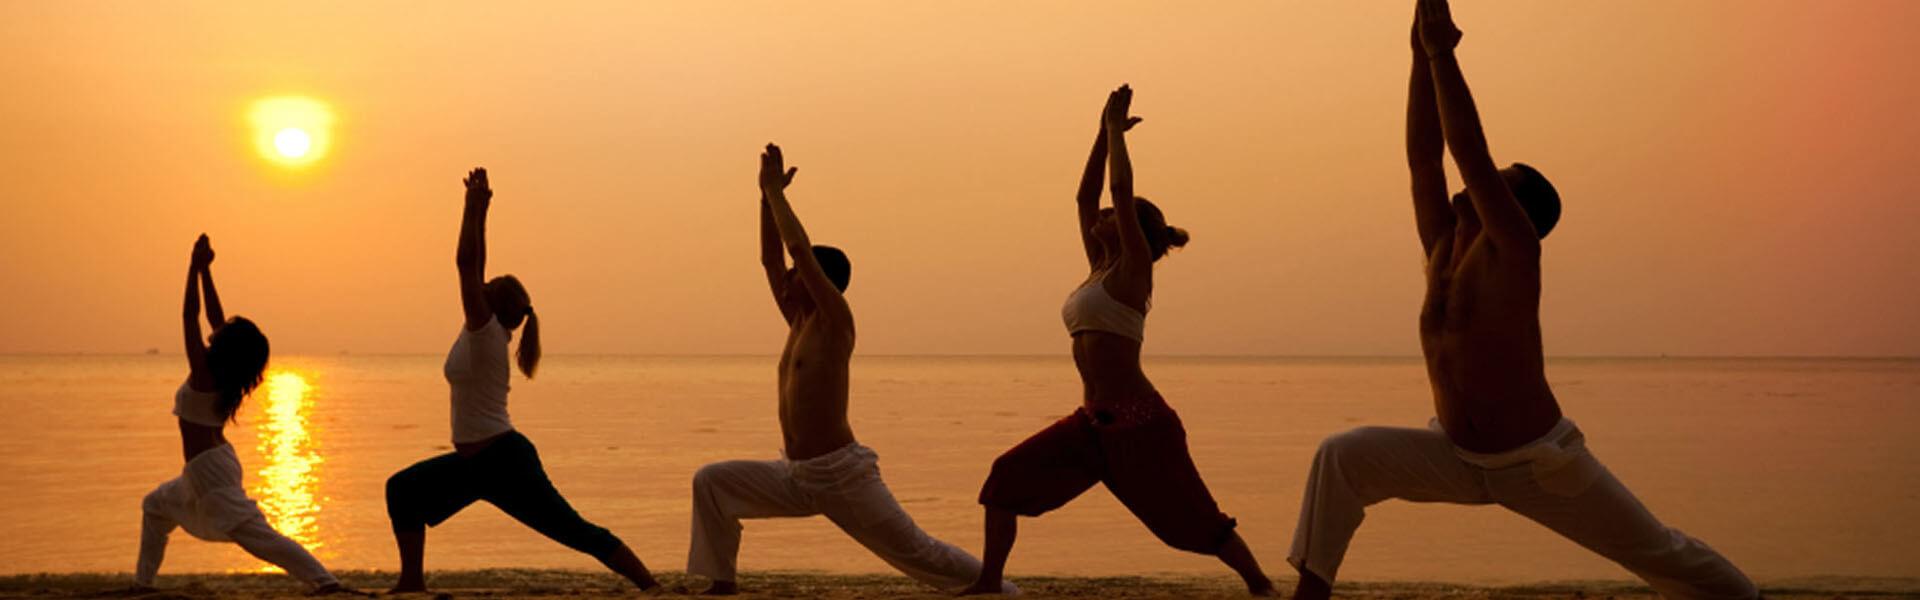 Yoga, Ayurveda & Beaches